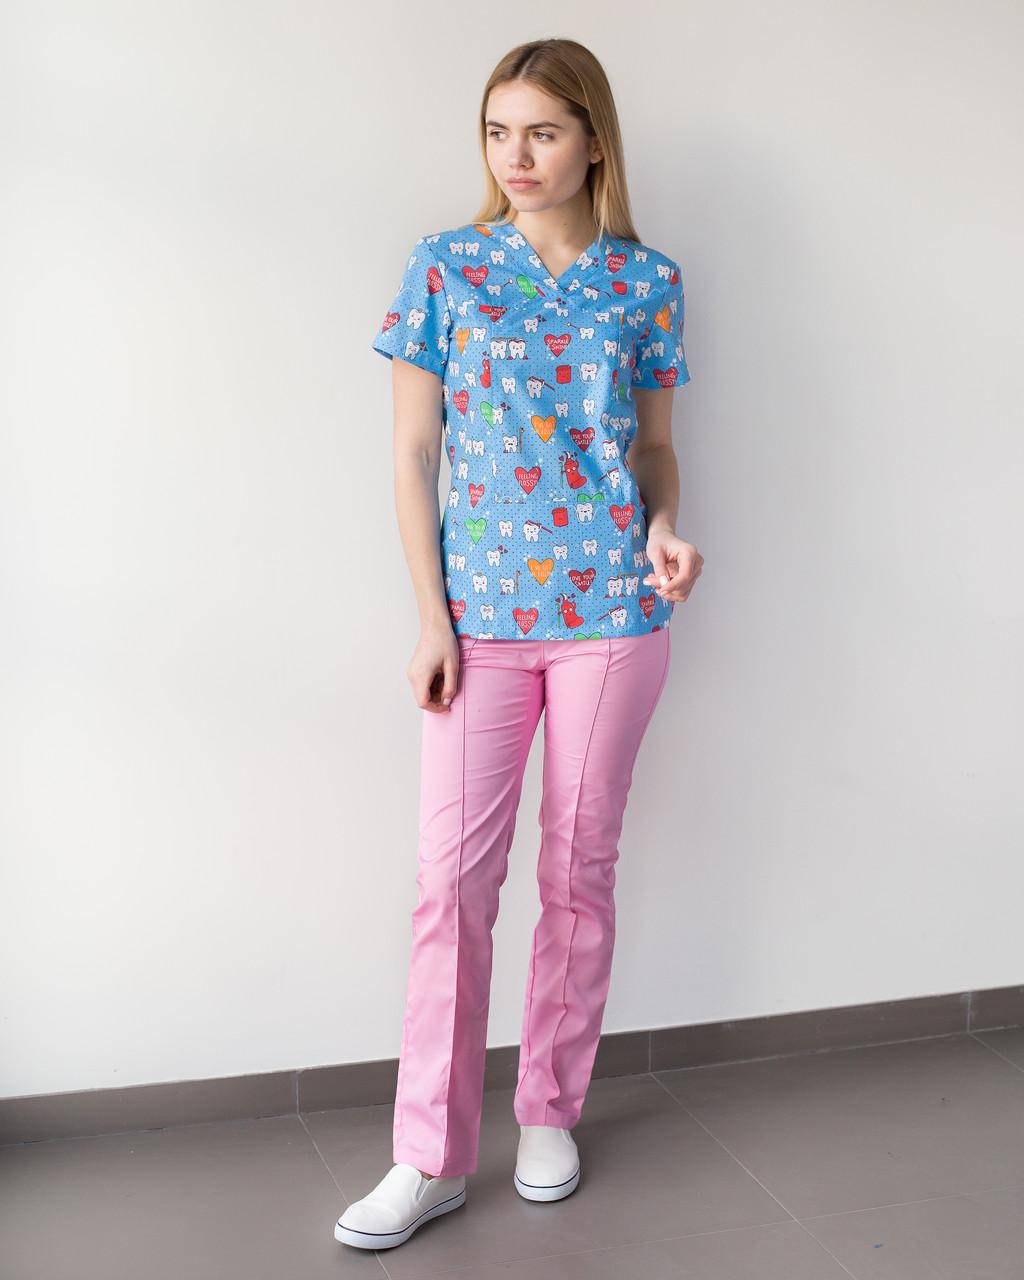 Медицинский женский костюм Топаз принт  Teeth blue